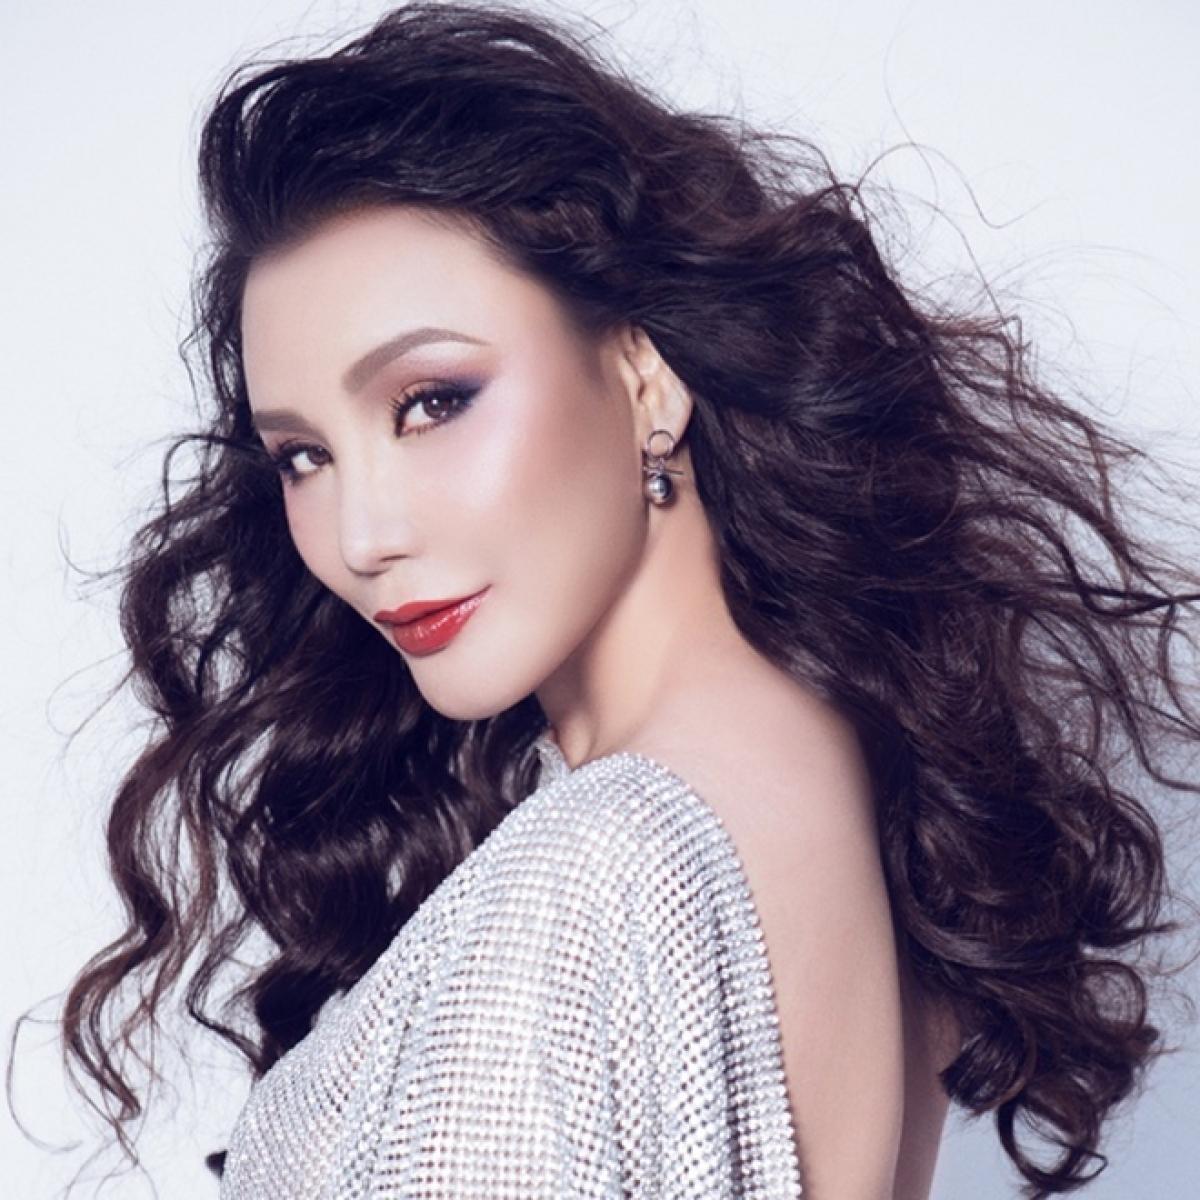 Nathan Lee livestream 'bóc phốt' 1 nam ca sĩ hãm hại đàn em tại The X-Factor, Thanh Lam, Hồ Quỳnh Hương ngồi không dính đạn - Ảnh 4